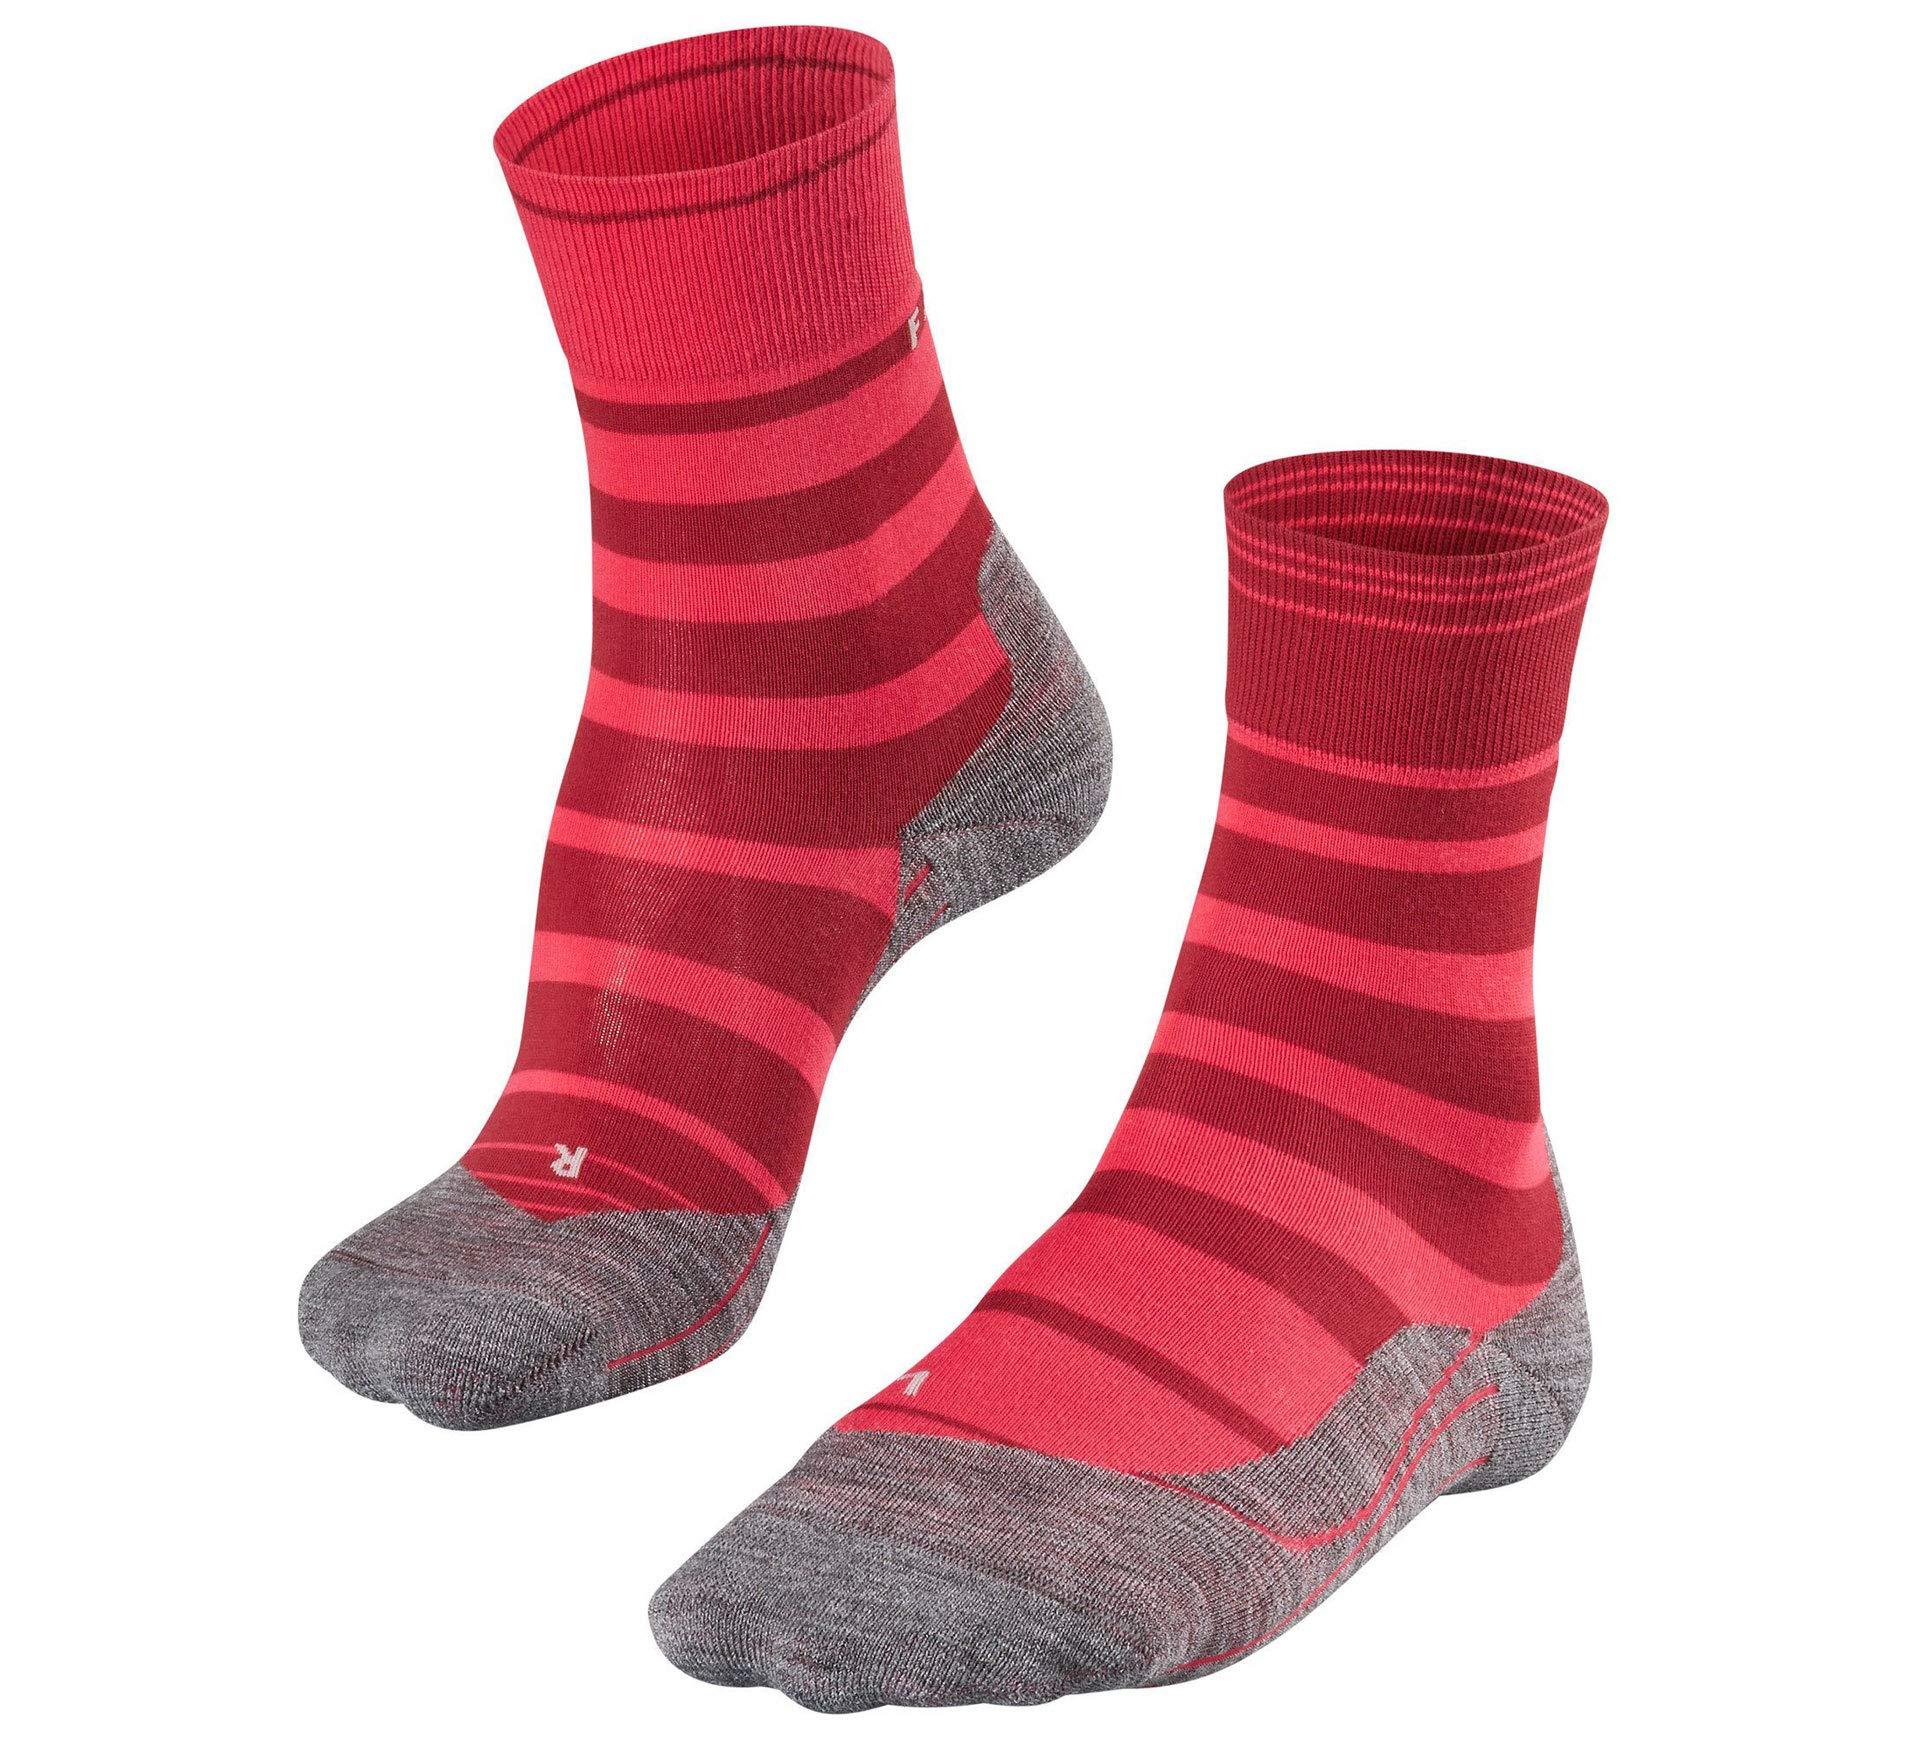 Falke Laufsocke RU4 Stripe Strümpfe Socken Runningsocken Sportsocken